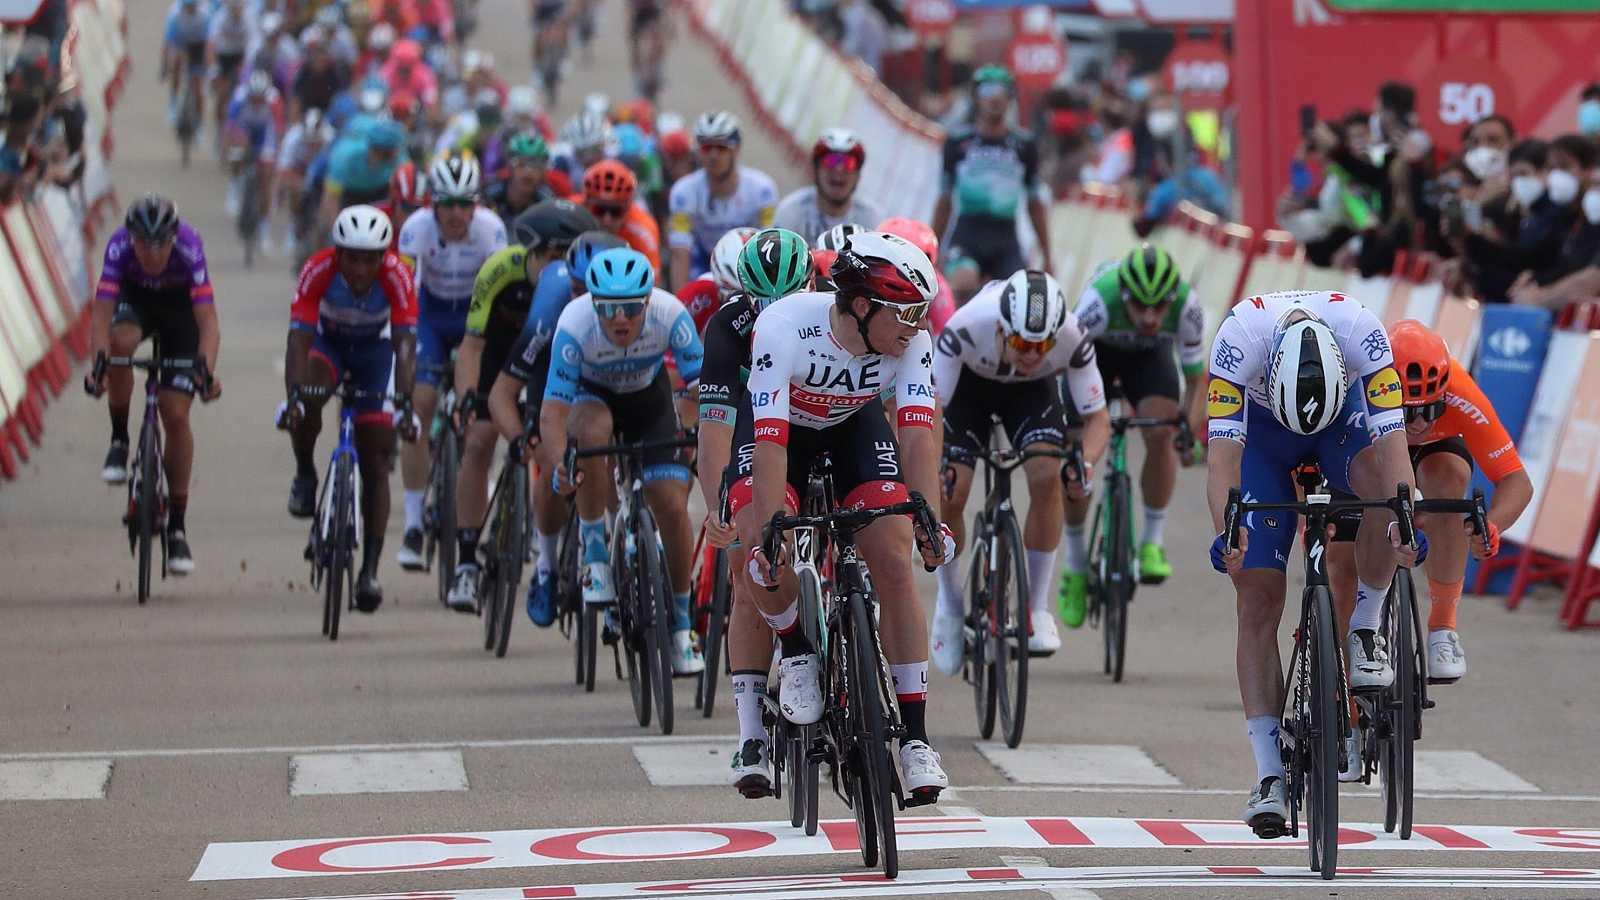 Imagen del sprint de Ejea de los Caballeros, final de la cuarta etapa de la Vuelta 2020.